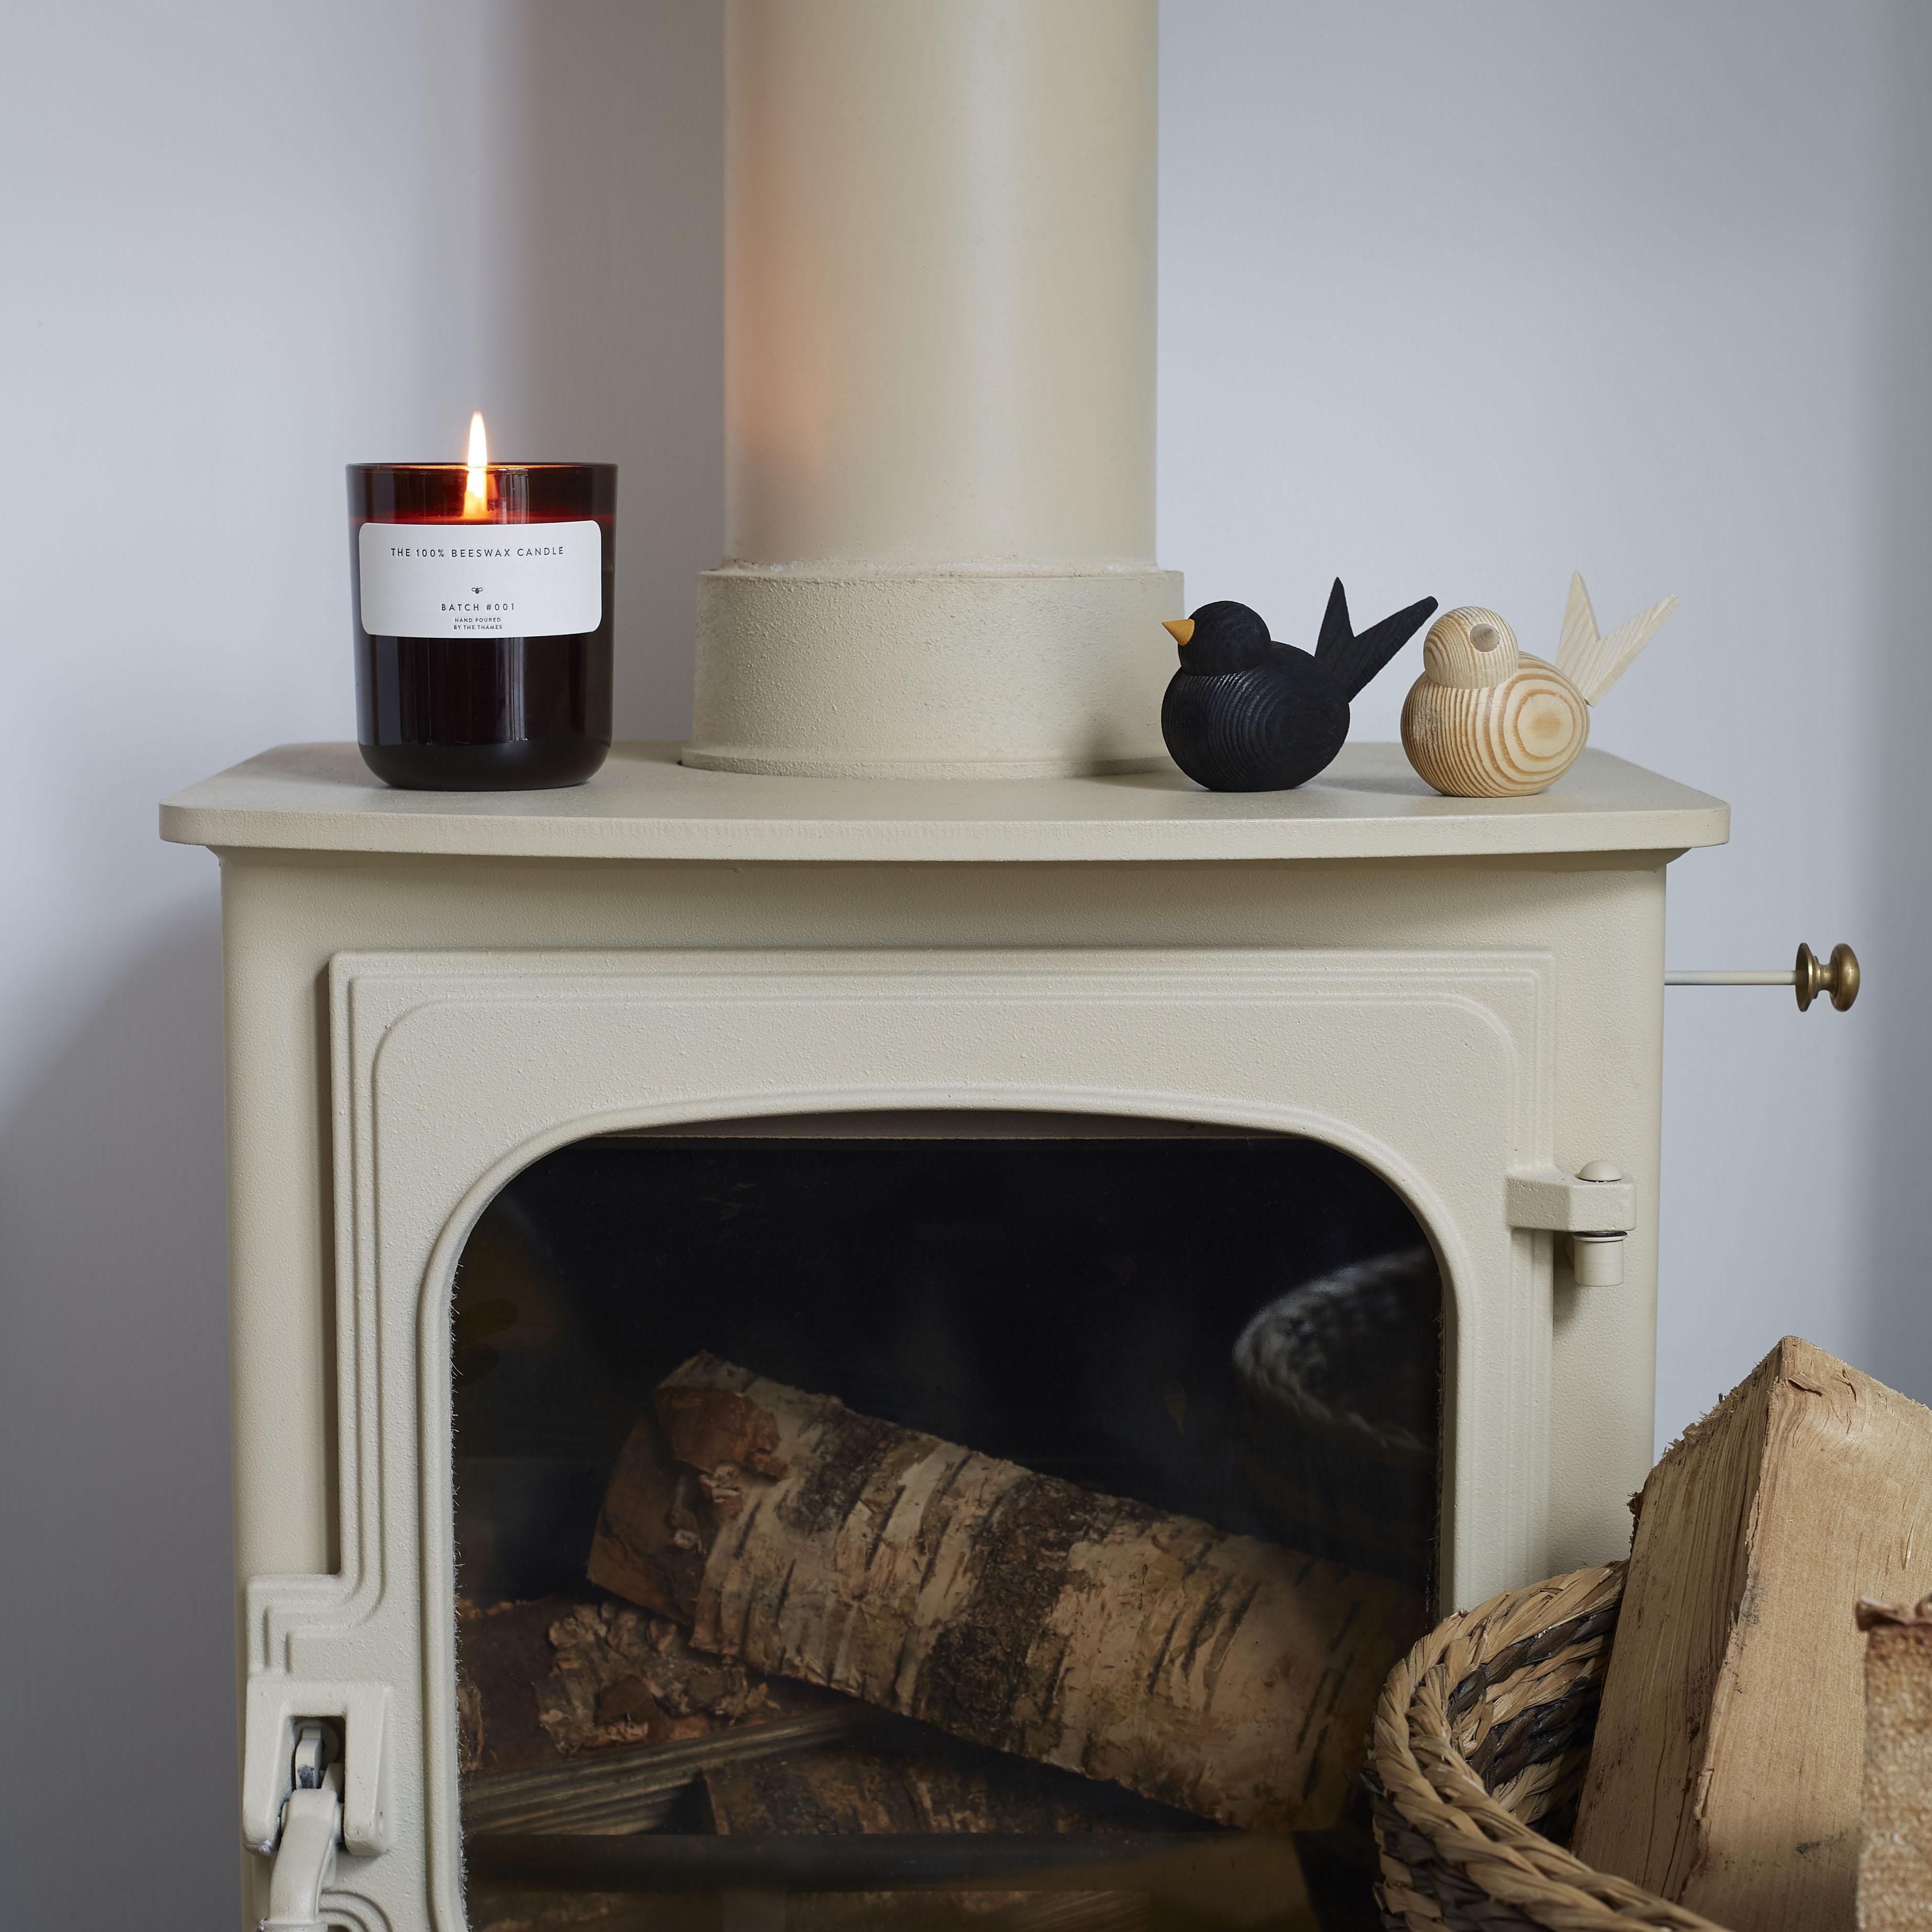 کاربرد شمع در طراحی داخلی